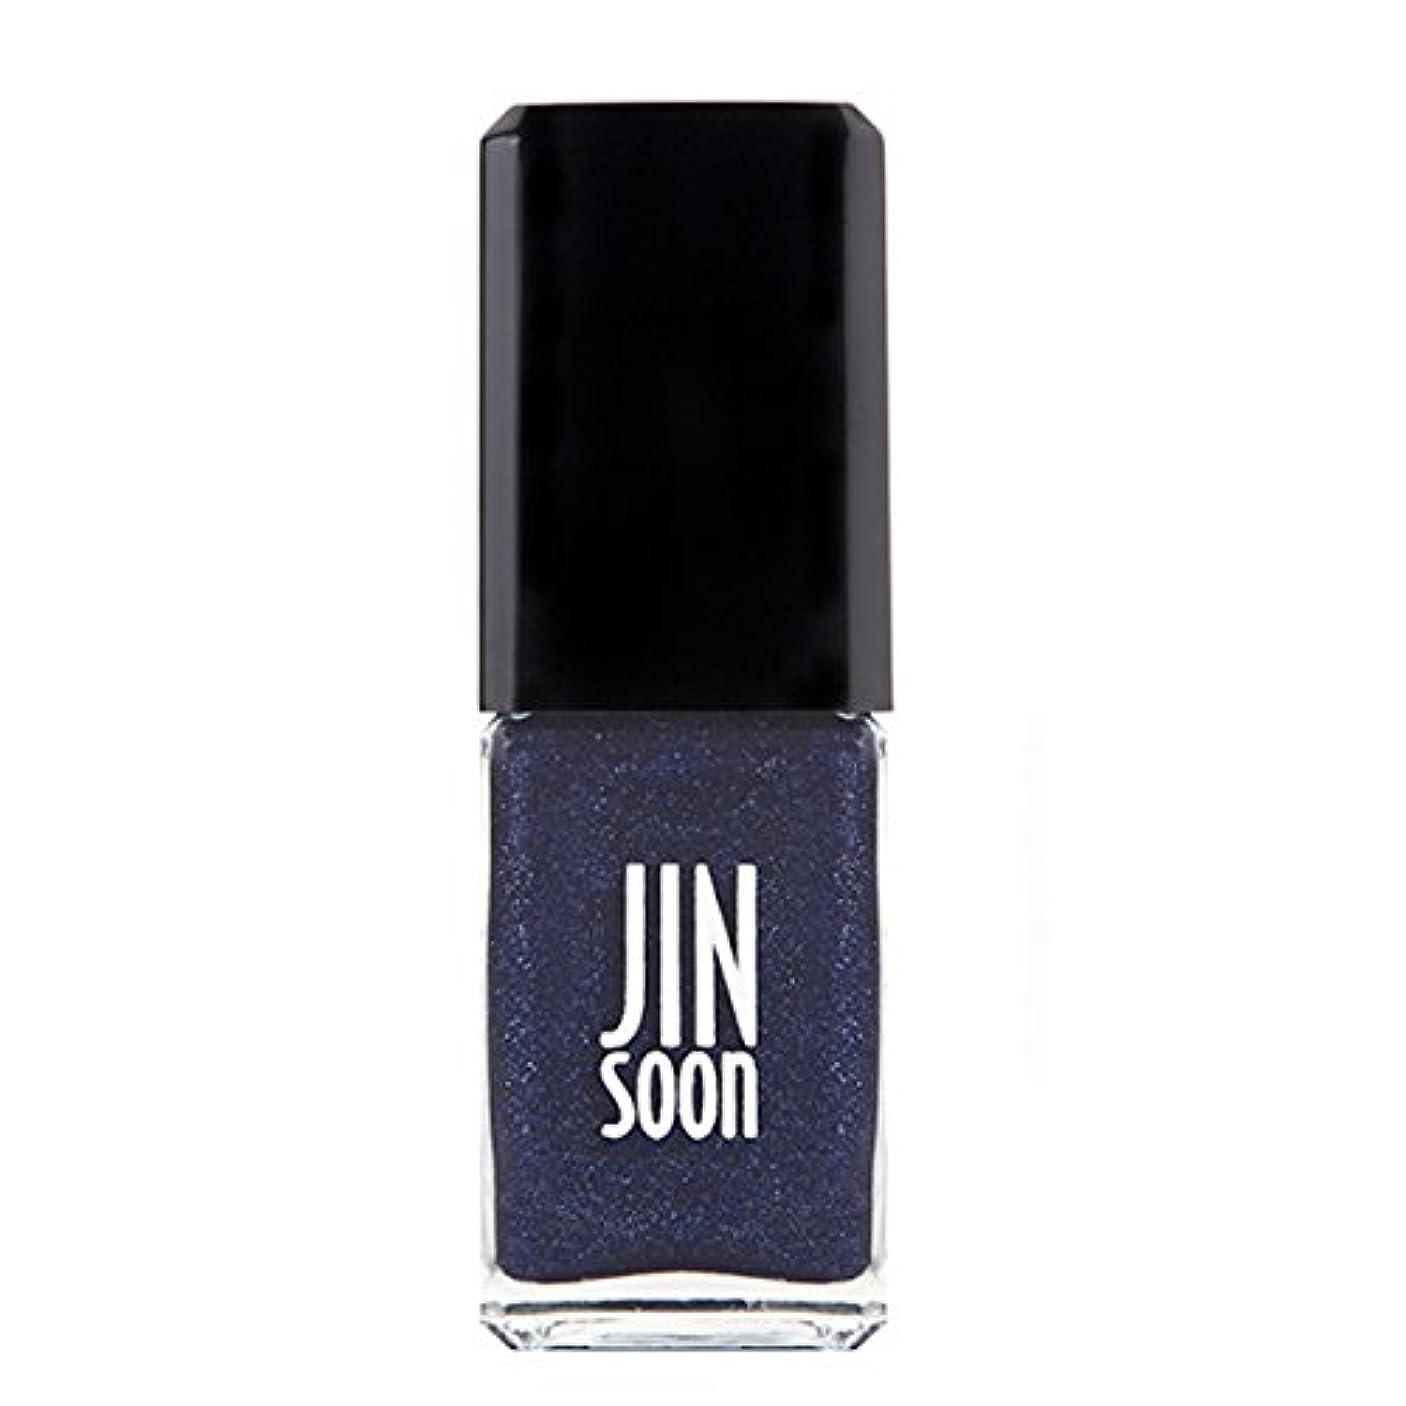 文明化なんでも贈り物[ジンスーン] [ jinsoon] アズライト(スパークリング ミッドナイト ブルー)AZURITE ジンスーン 5フリー ネイルポリッシュ ブルー 11mL